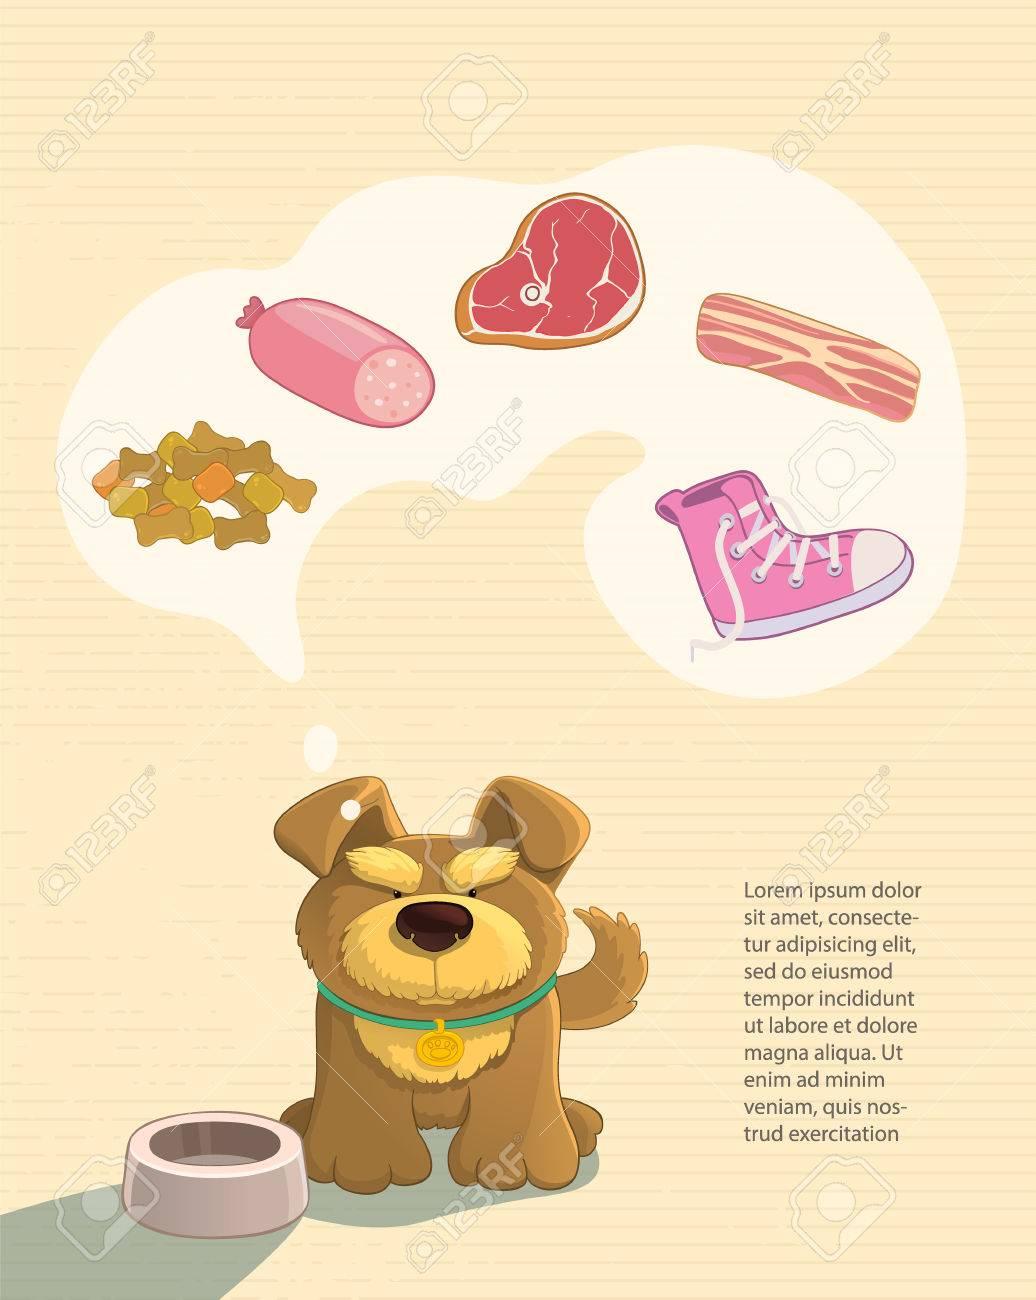 Uw huisdieren dromen. Leuke bruine doggy dromen over eten. Verbeeldt worst, spek, biefstuk, schoenen. Cartoon stijl.